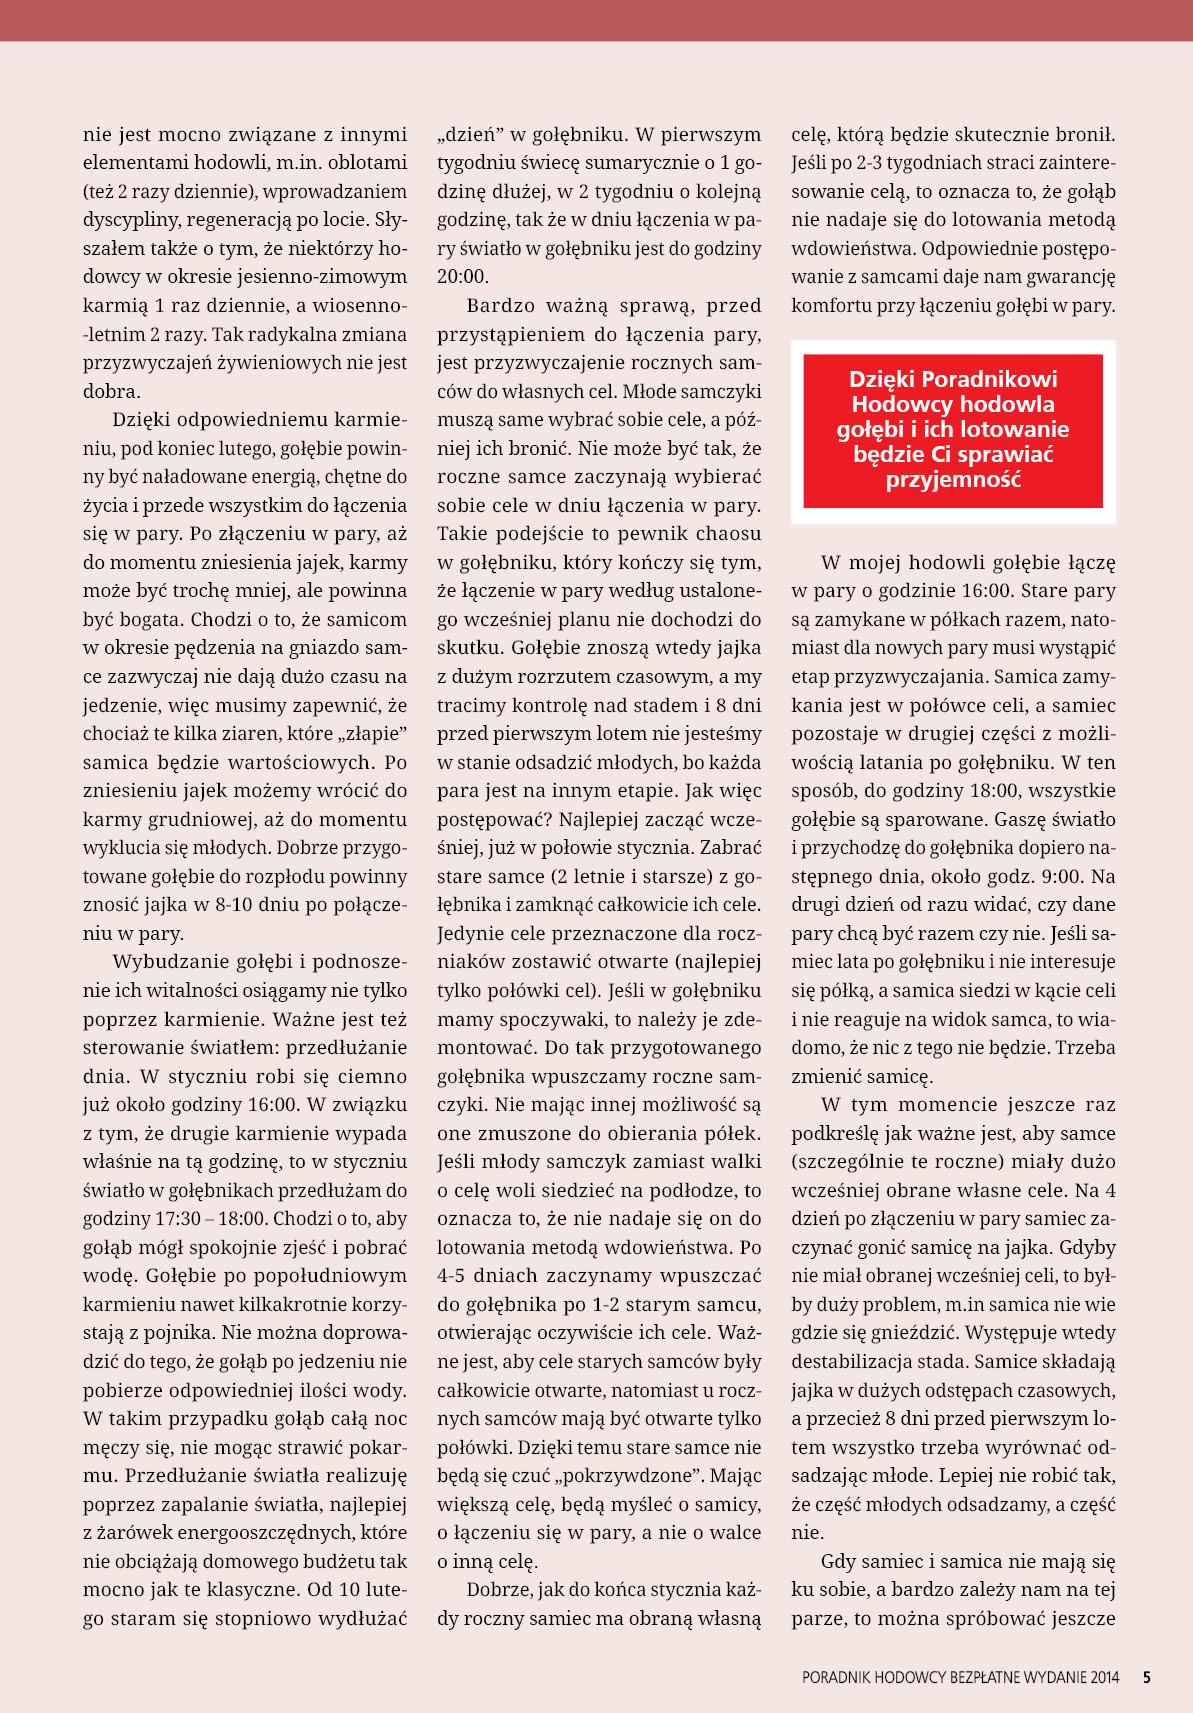 Darmowy numer specjalny Poradnika Hodowcy 2014 - strona 5